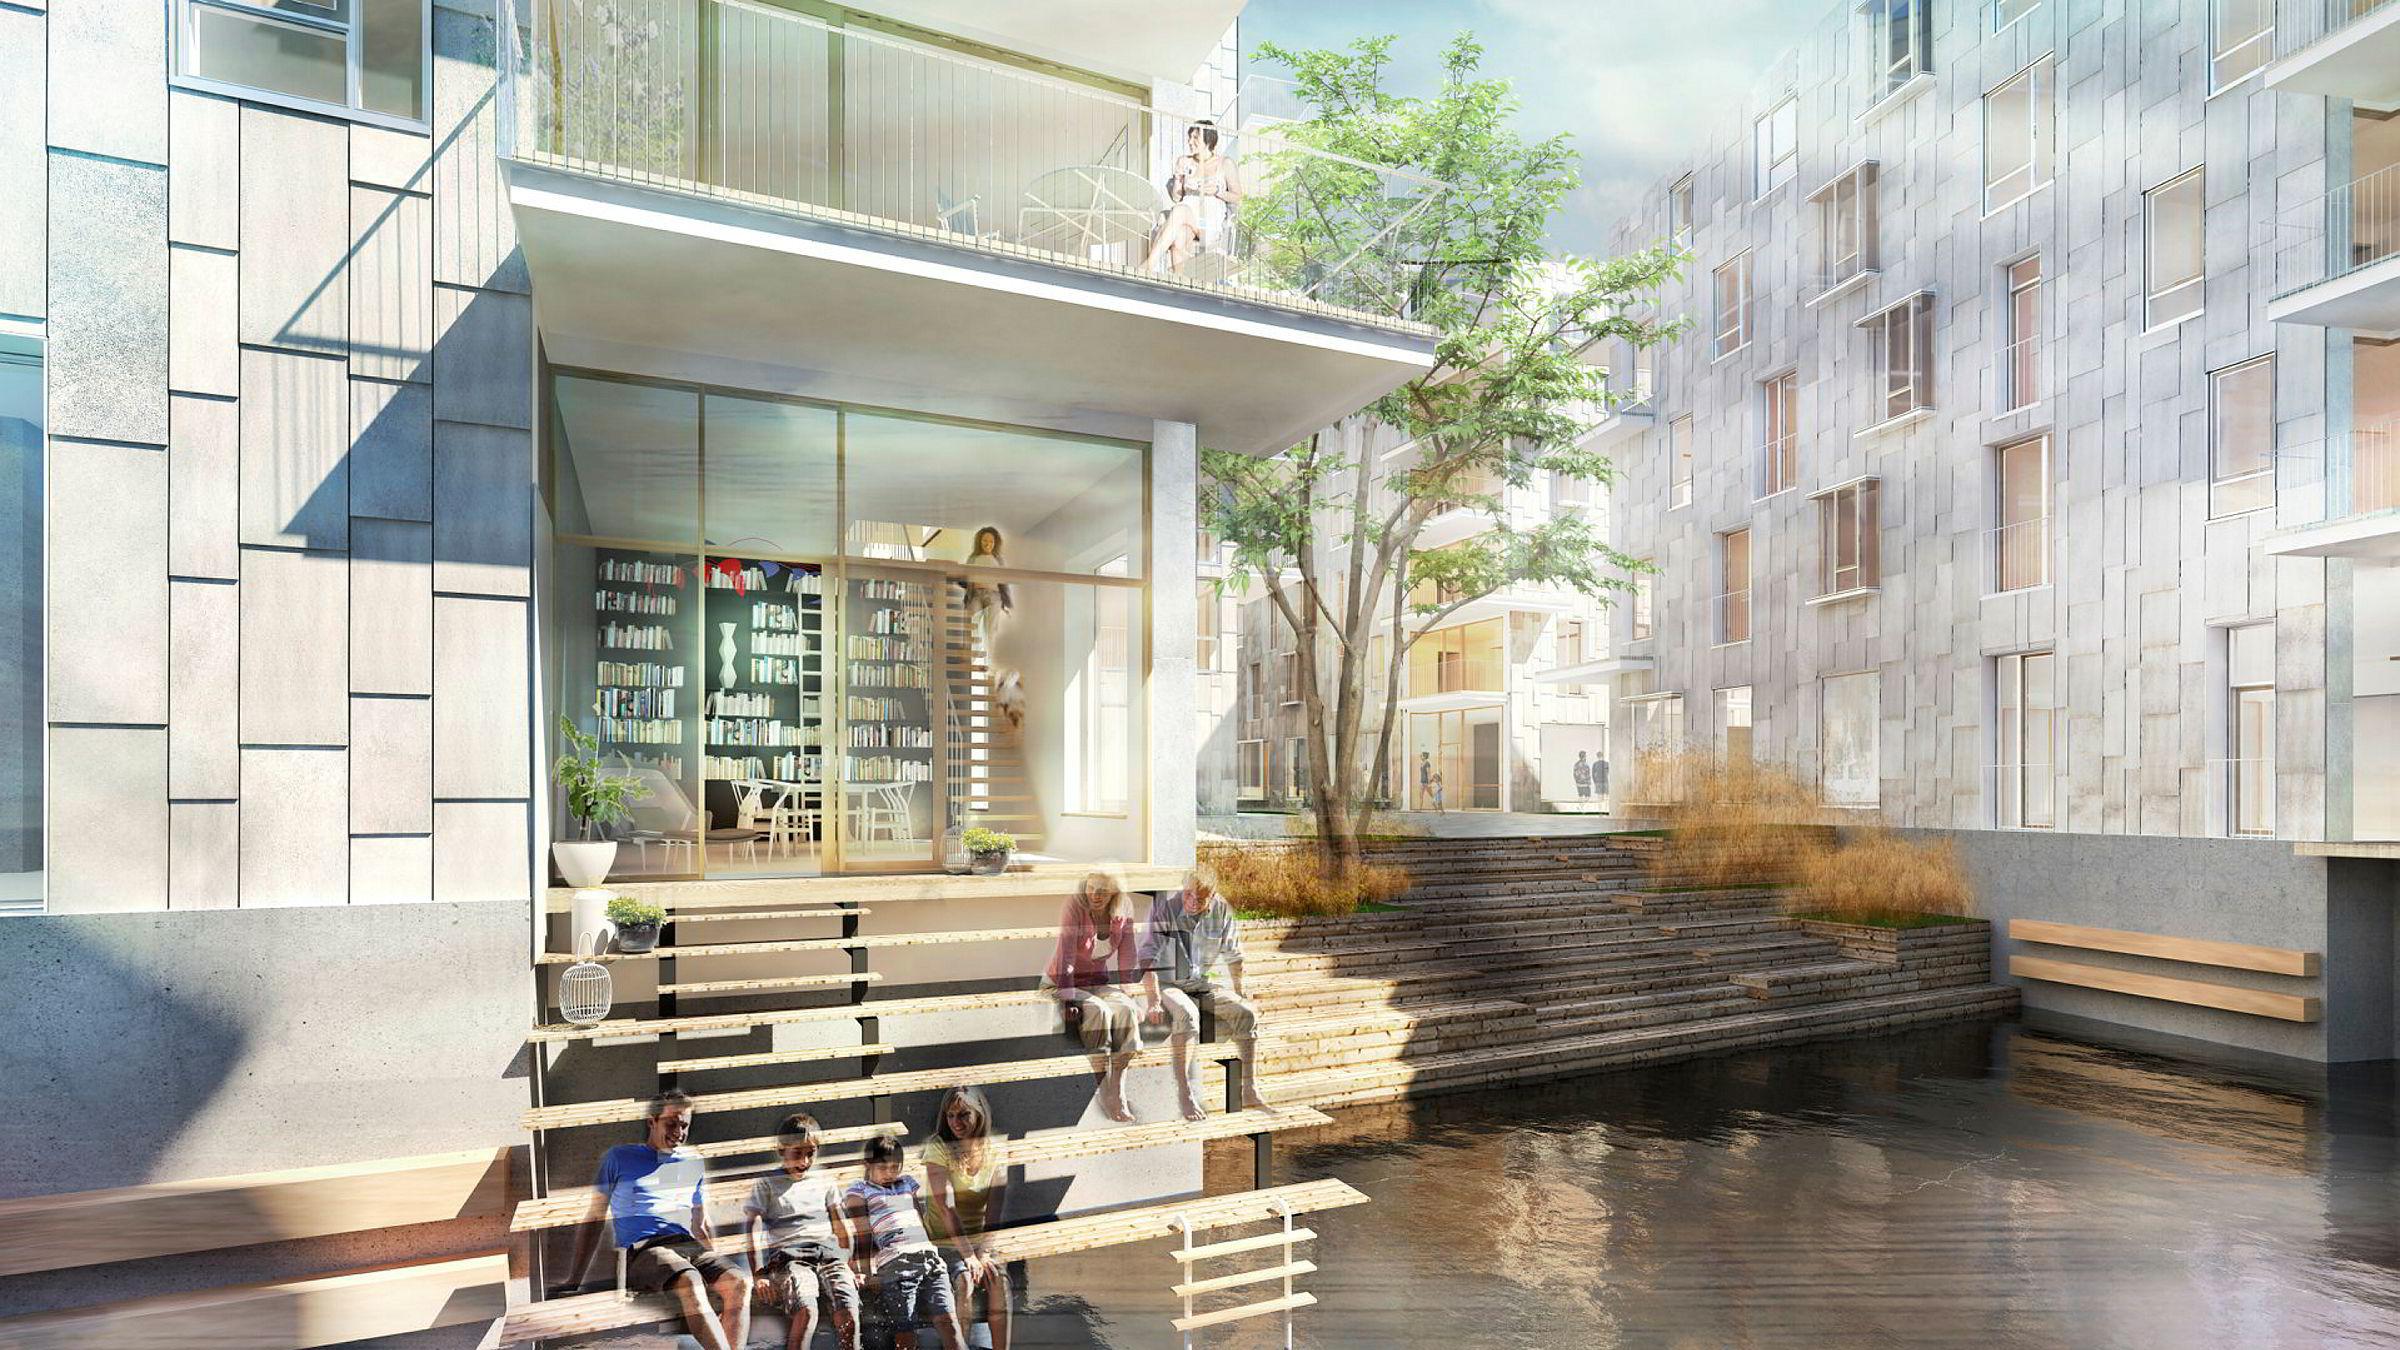 Boligdirektør Jørgen Blix i Oslo S Utvikling forteller at de kunne salgsstartet boligprosjektet i slutten av 2017, men valgte å vente som følge av usikkerhet i markedet.